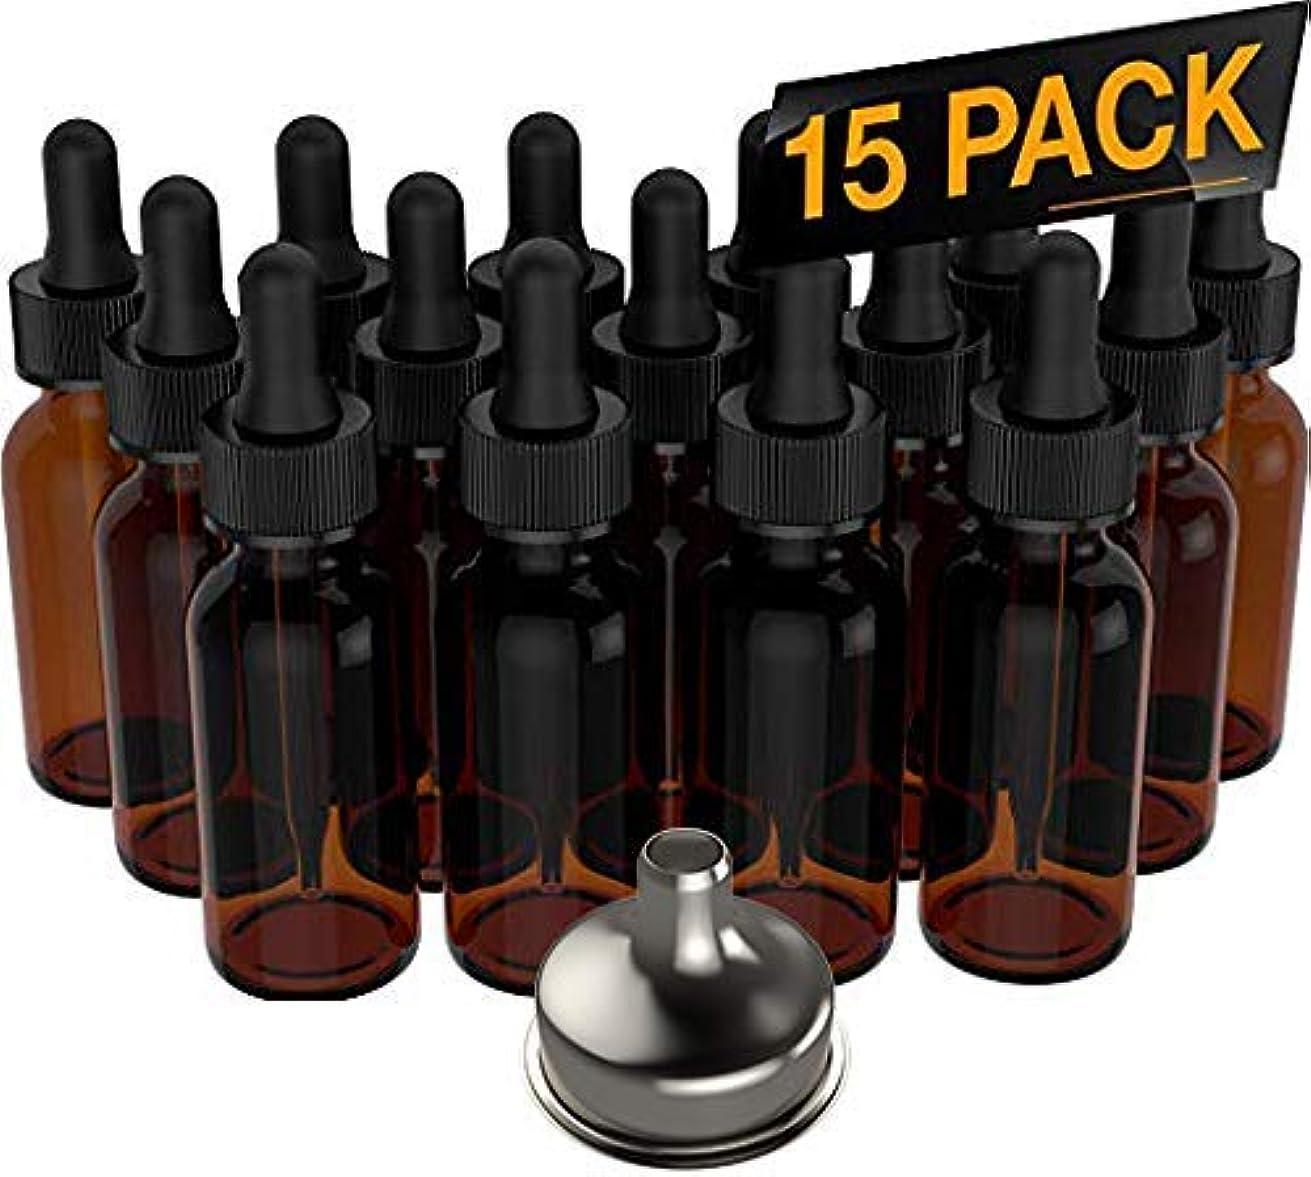 代表年金受給者差し引く15 Pack Essential Oil Bottles - Round Boston Empty Refillable Amber Bottle with Glass Dropper [ Free Stainless...